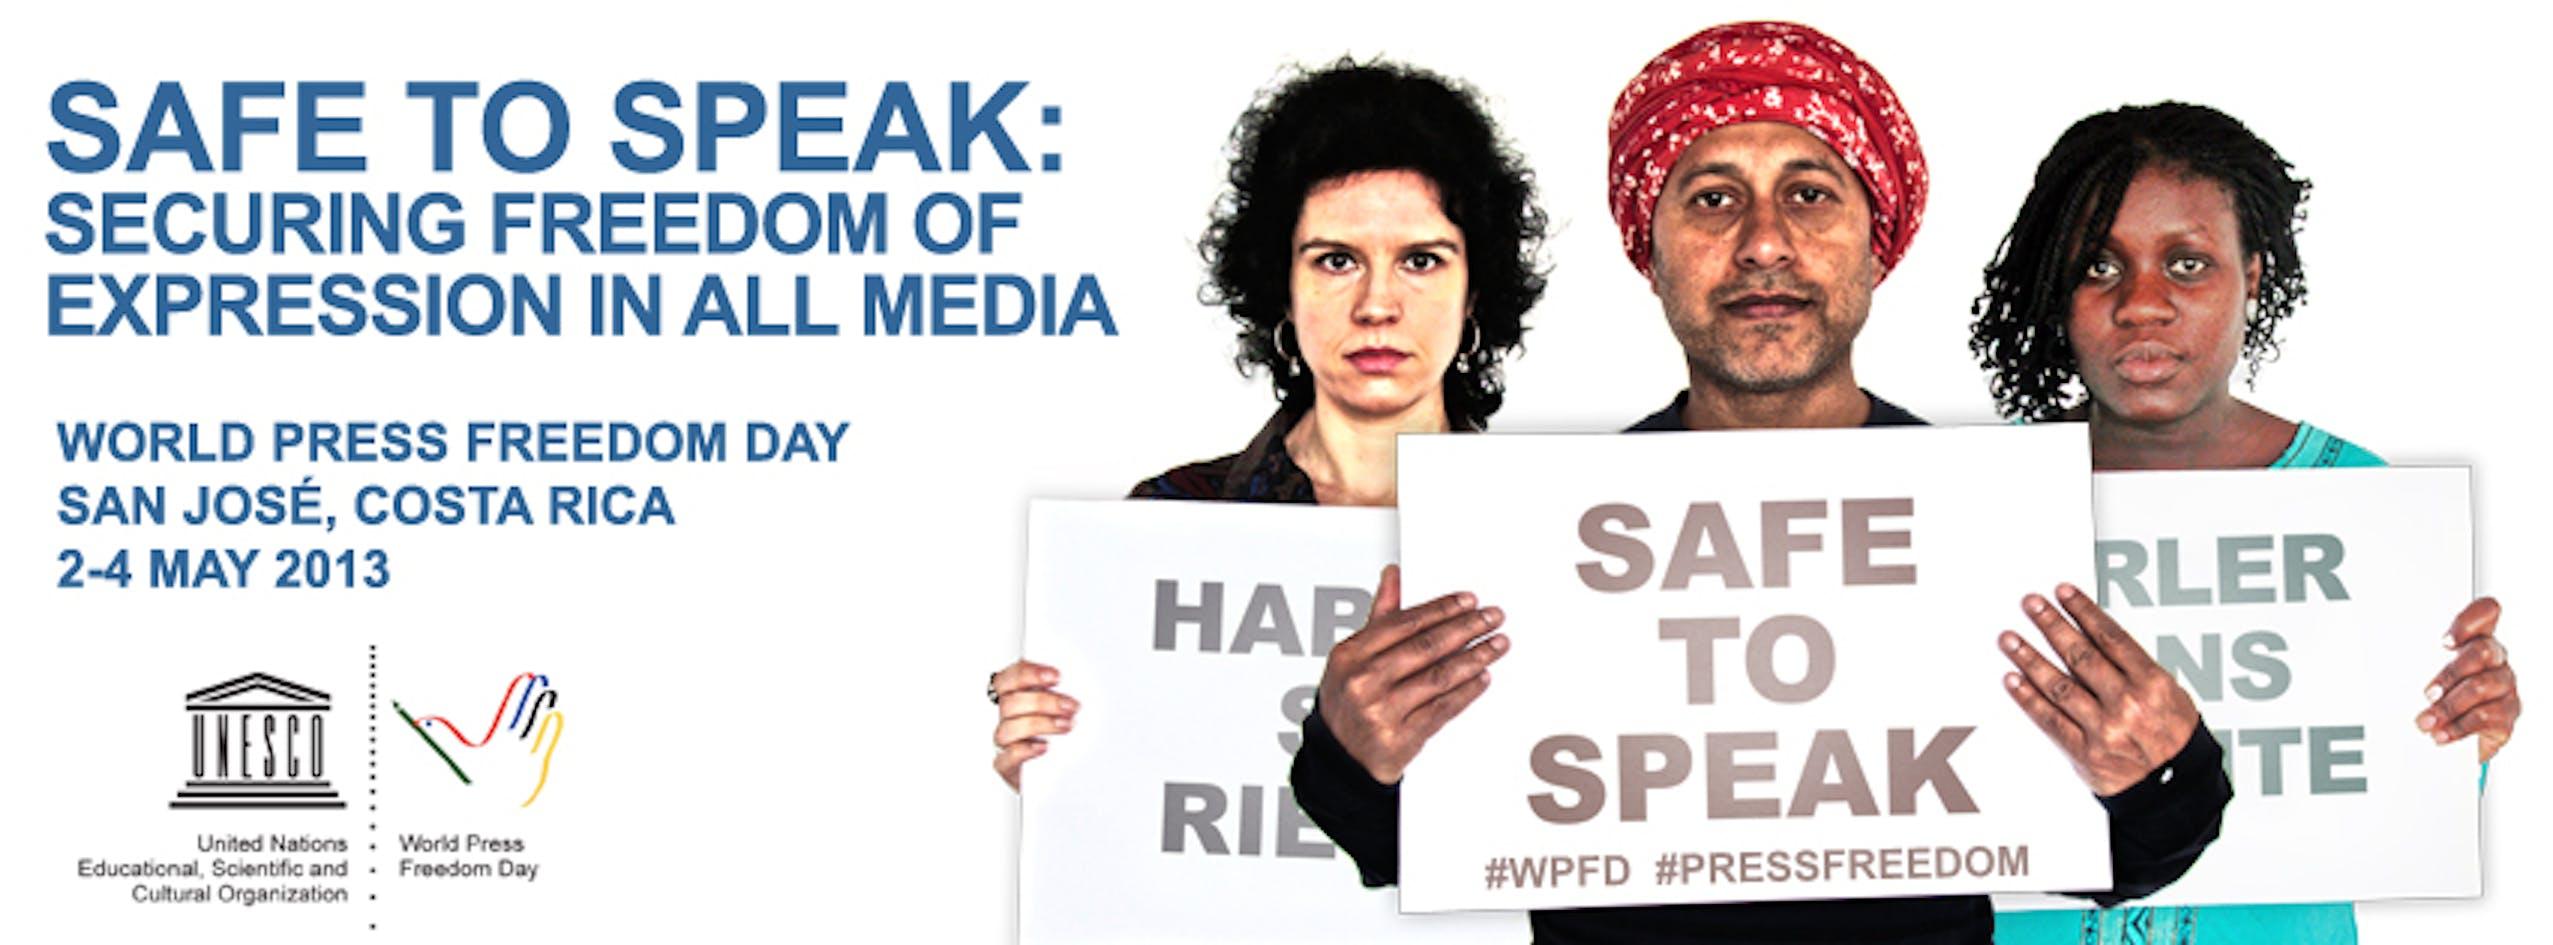 Il logo del World Press Freedom Day 2013